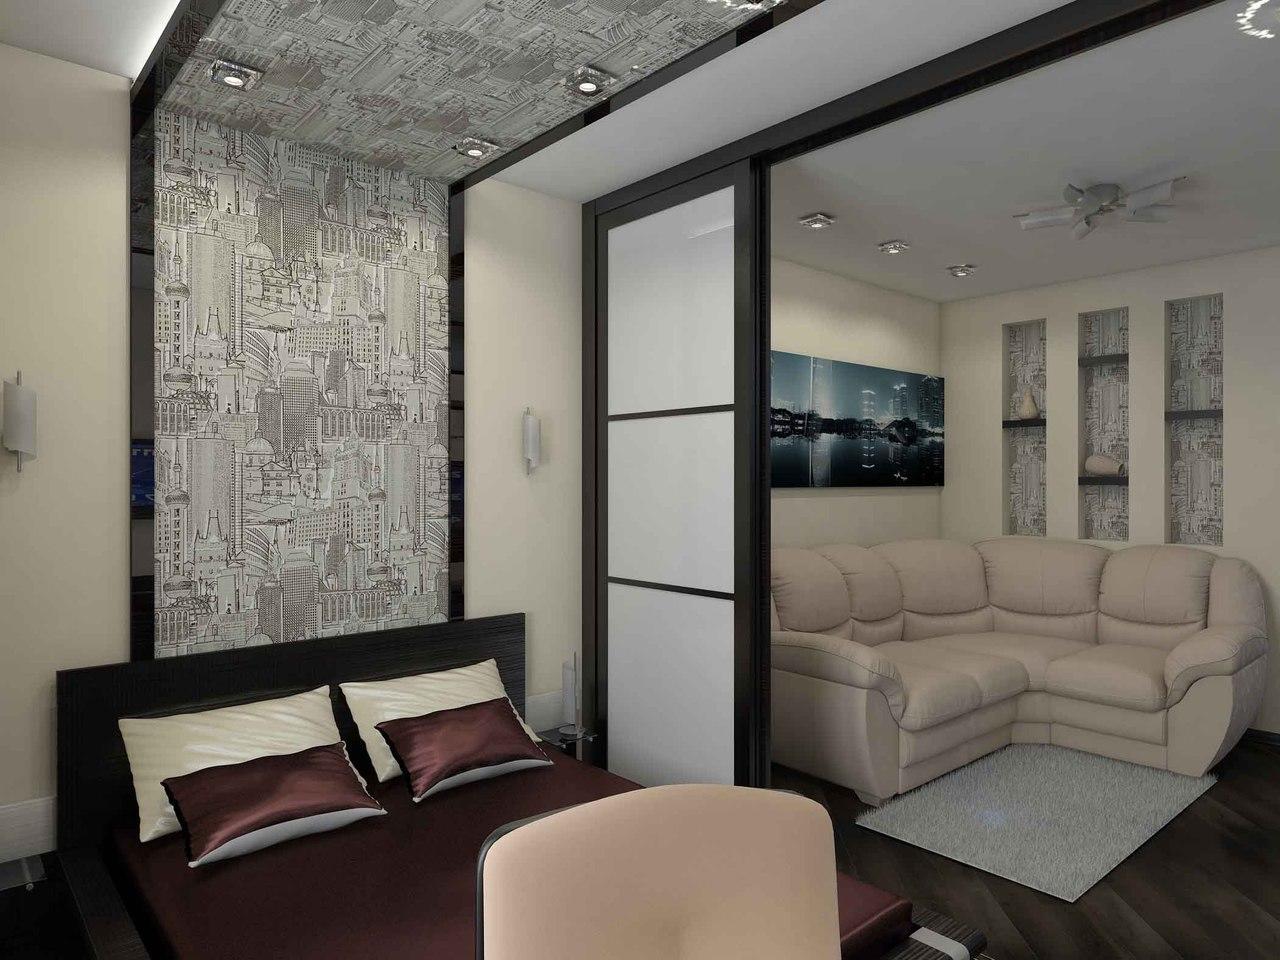 Зонирование в спальне-гостиной обязательно должно быть продумано таким образом, чтобы нашлось место для спальни, зона для гостей и место для хранения вещей